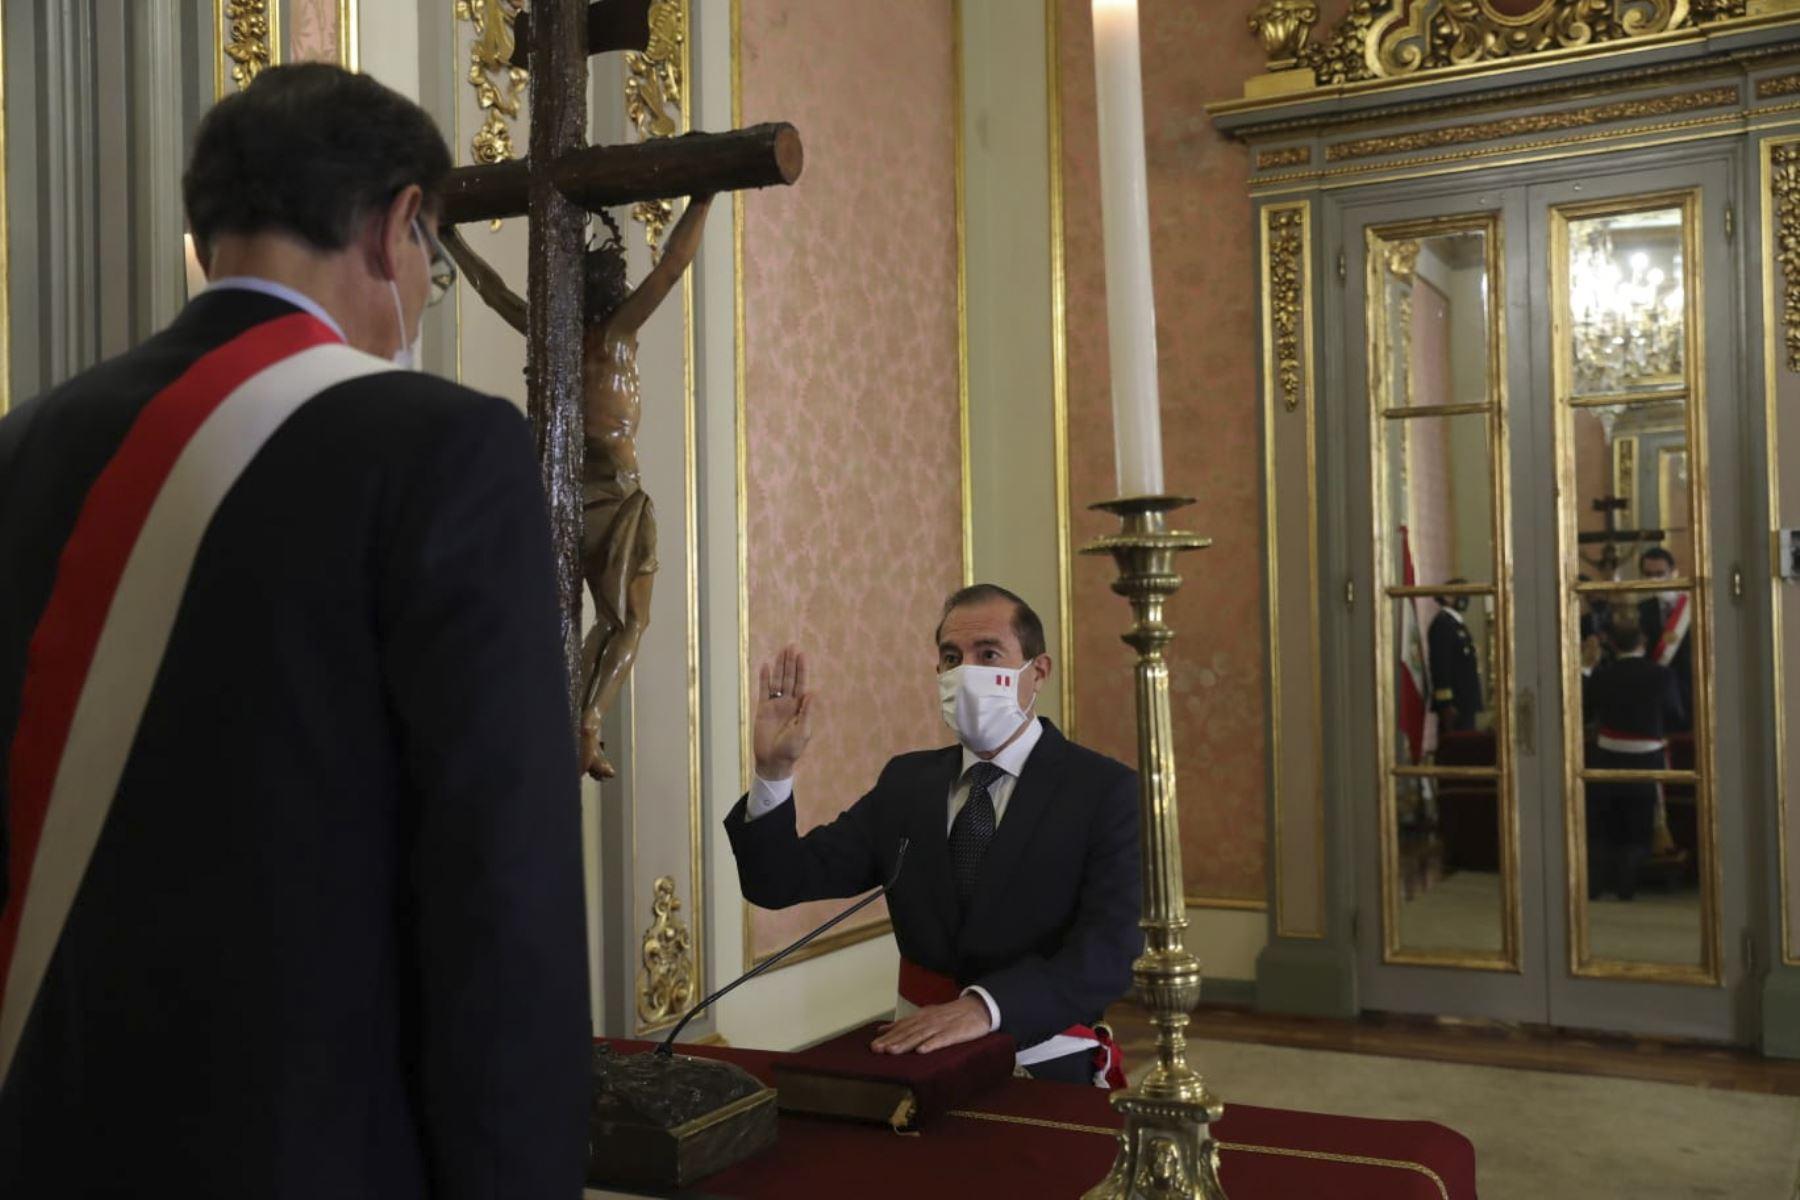 El presidente de la República, Martín Vizcarra, juramenta al nuevo Gabinete Ministerial, presidido por el presidente del Consejo de Ministros, Gral Div. EP (R) Walter Martos Ruiz. Foto: ANDINA/ Prensa Presidencia